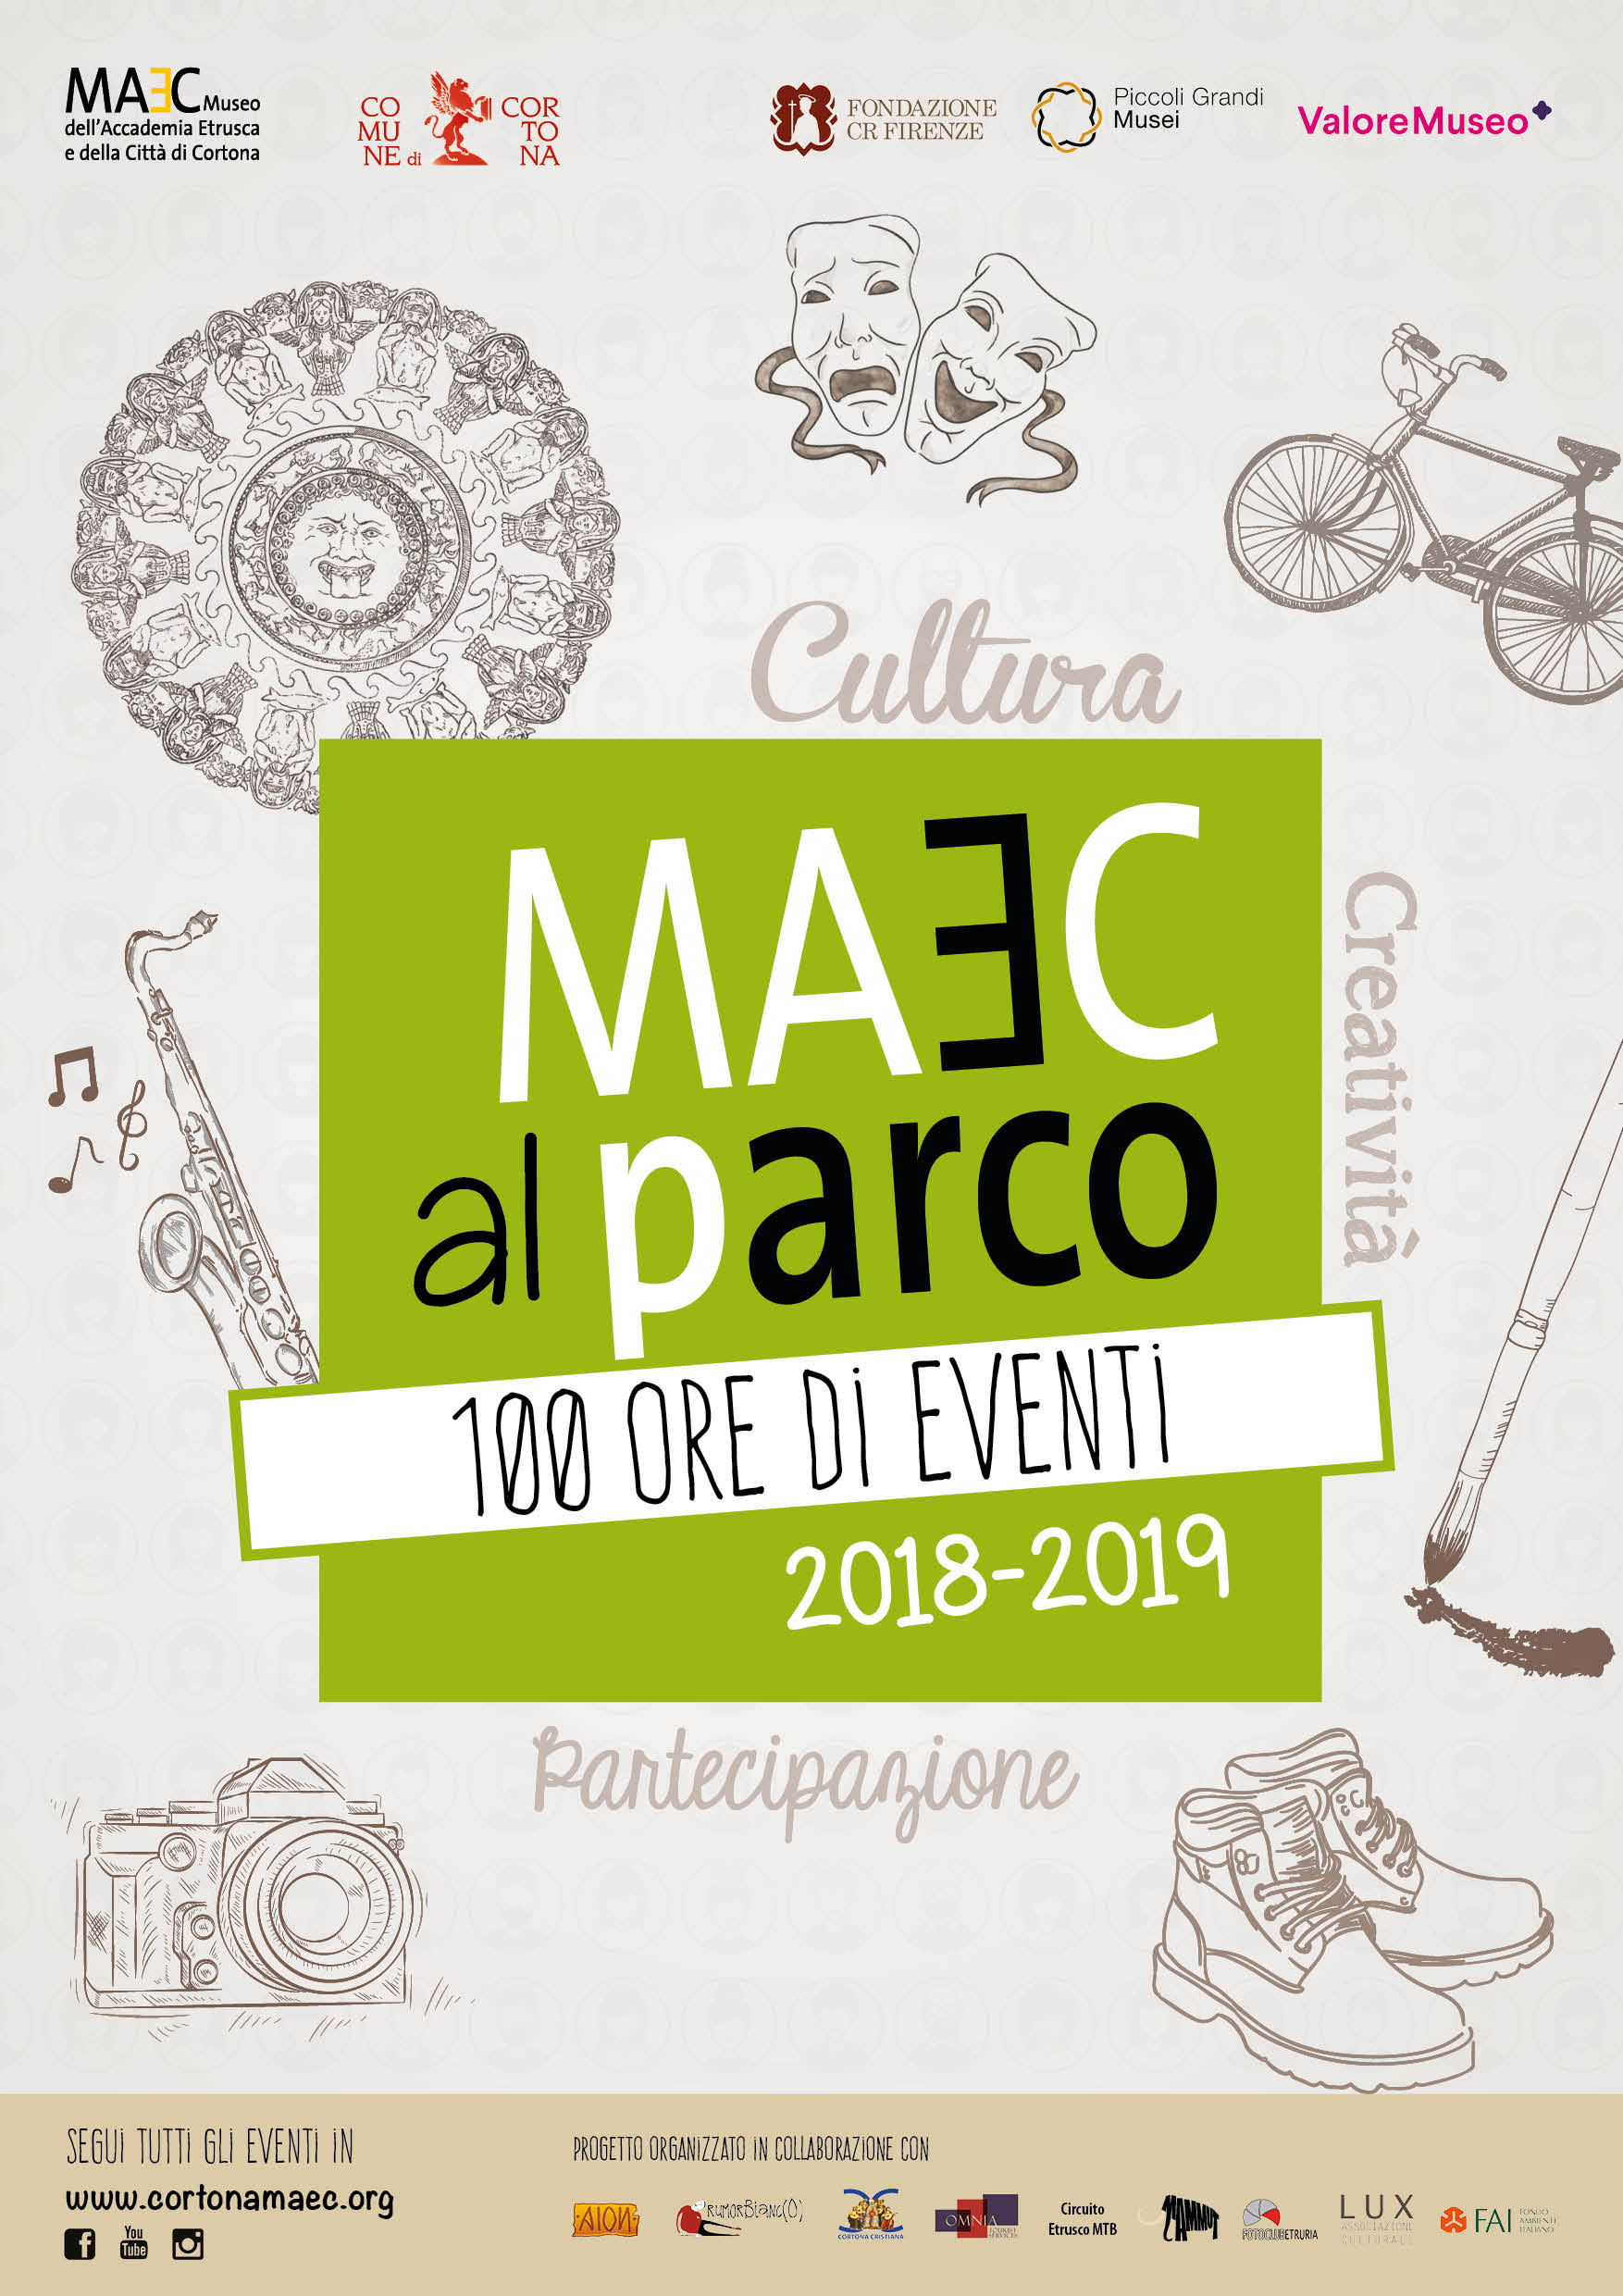 eventi gratuiti al MAEC parco, il Parco Archeologico di Cortons